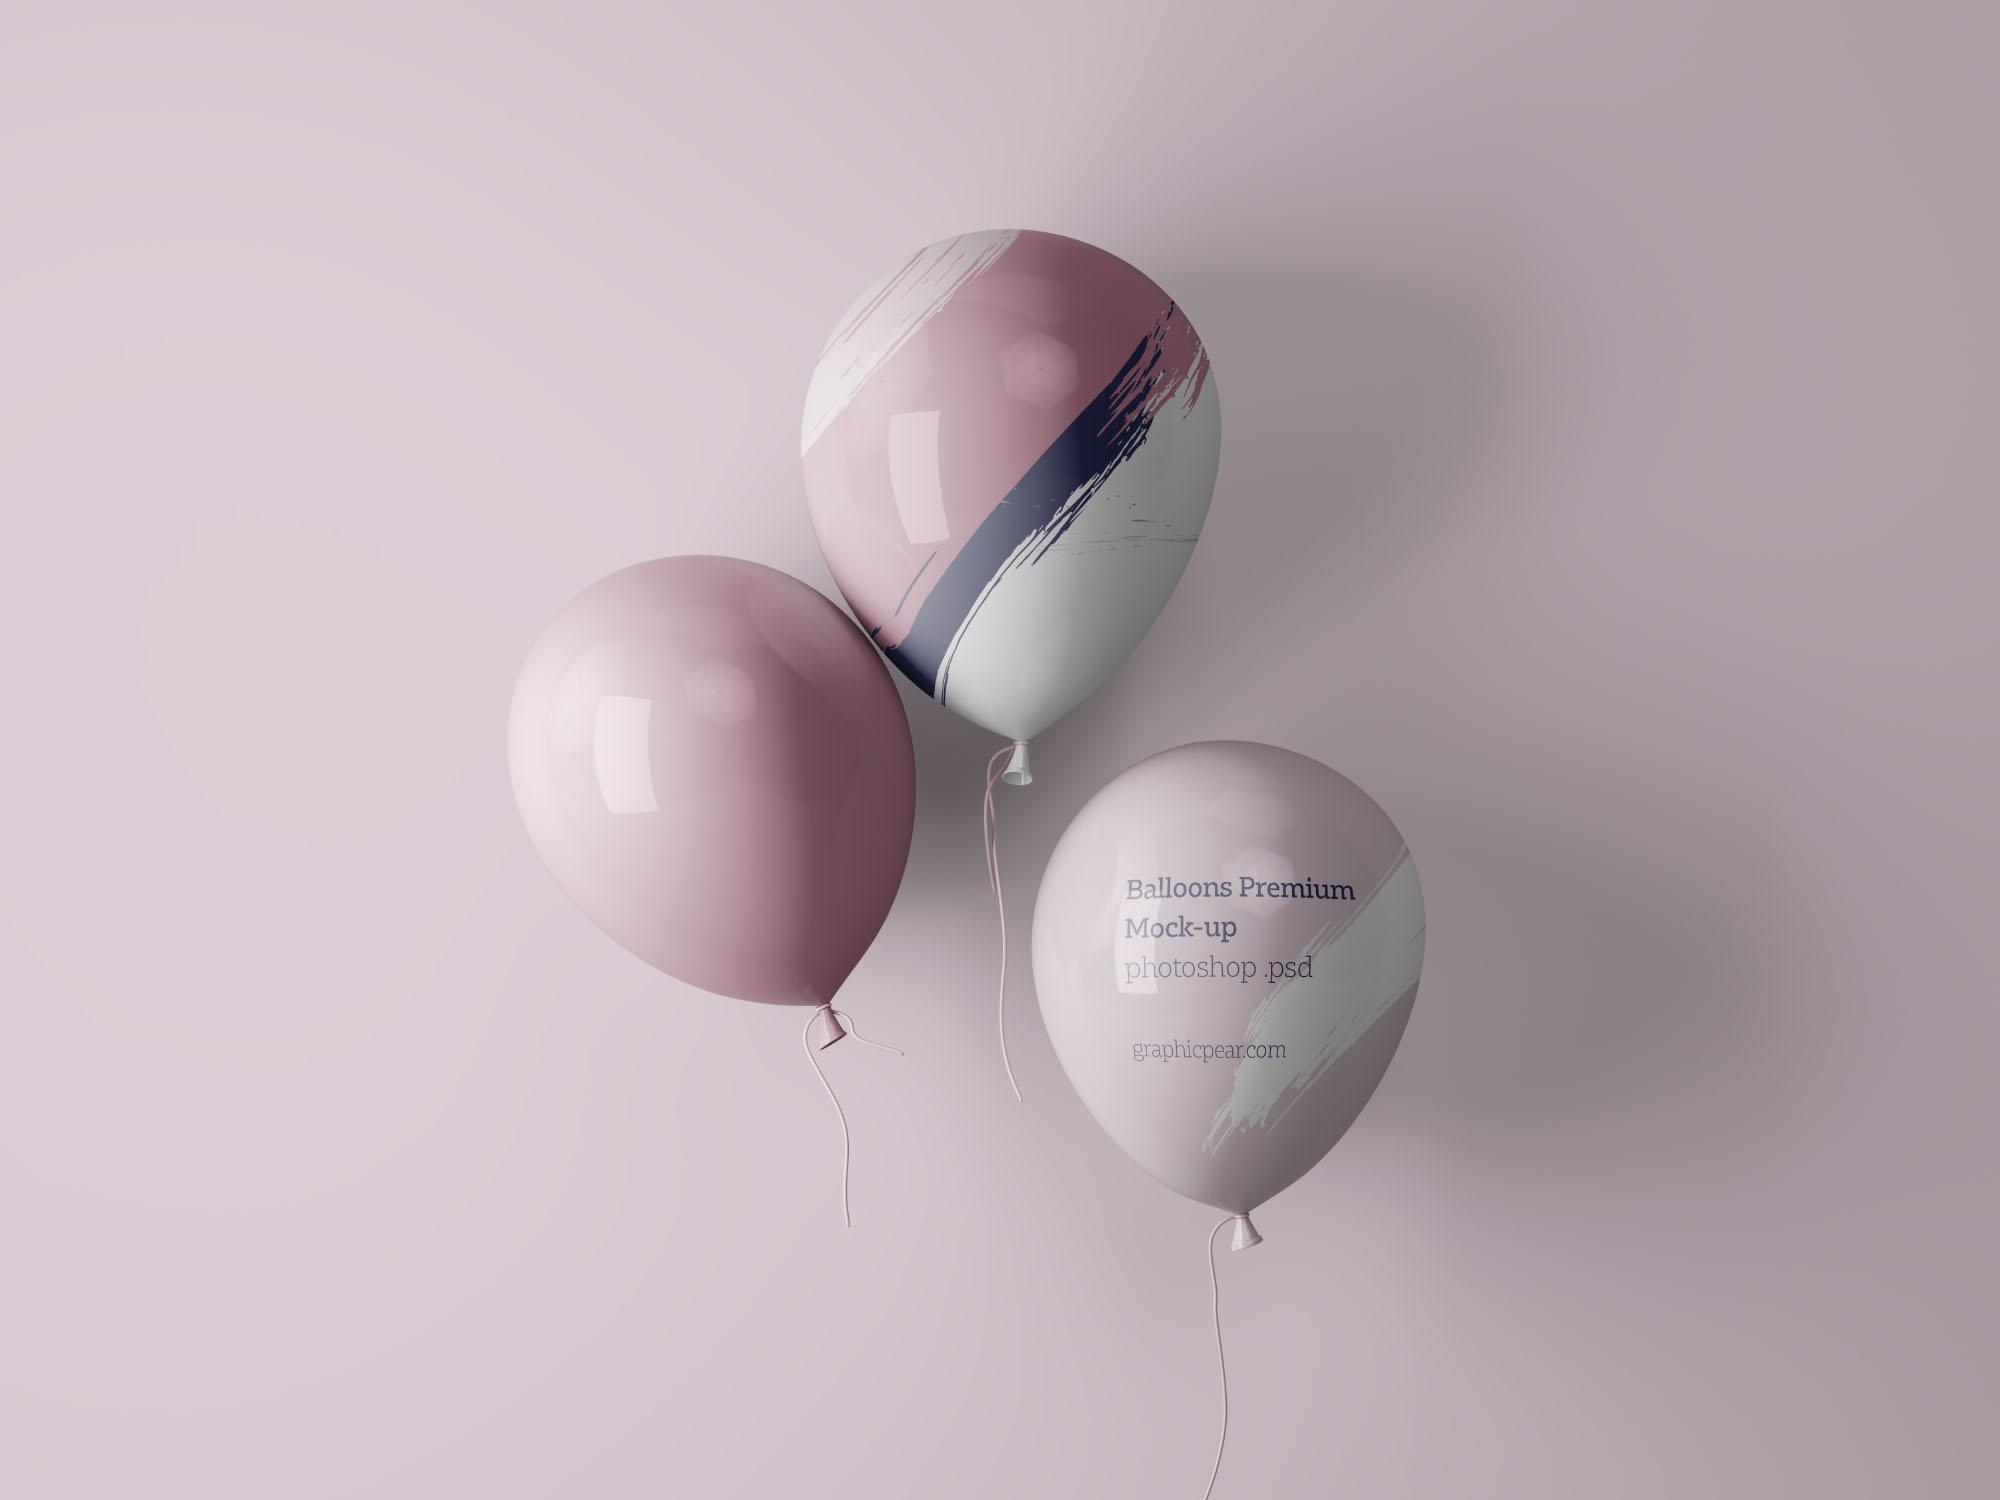 Balloons Mockup PSD